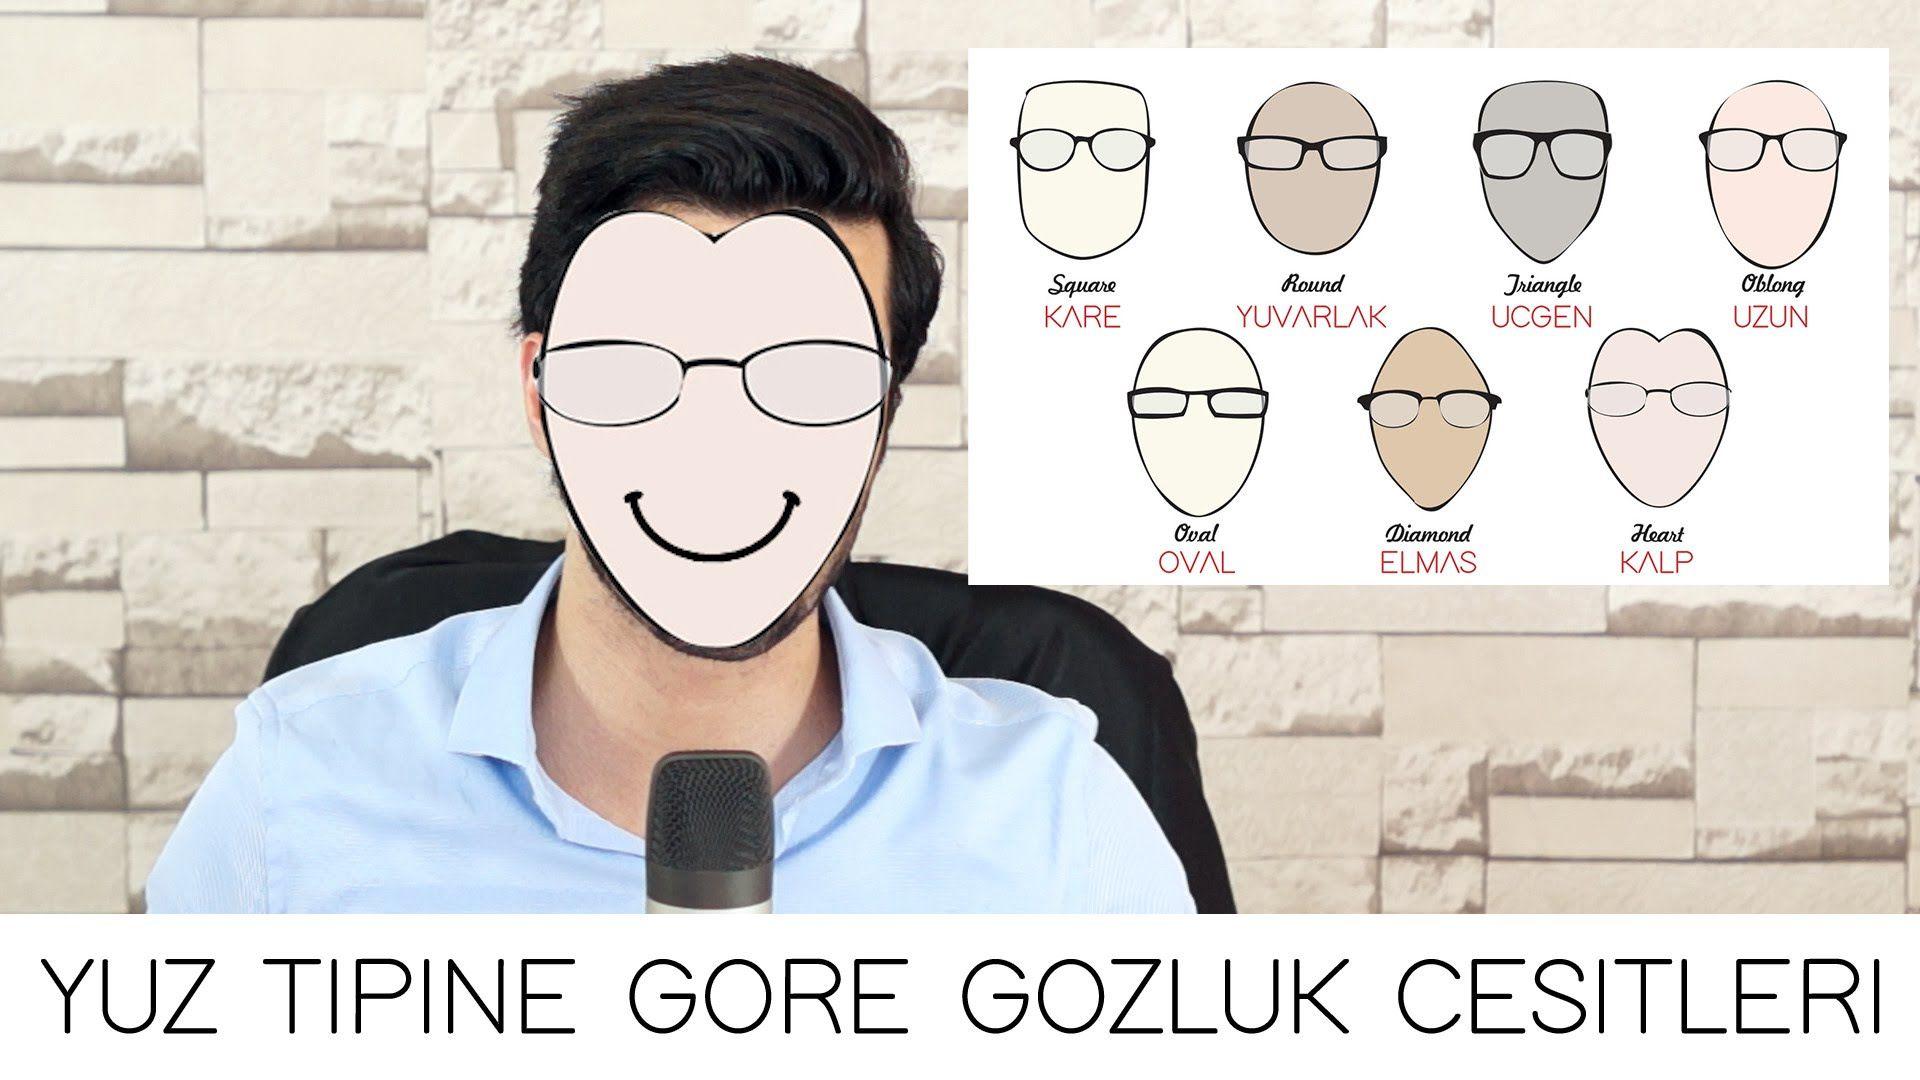 Yüz Tipinize Uygun Gözlük Seçimi